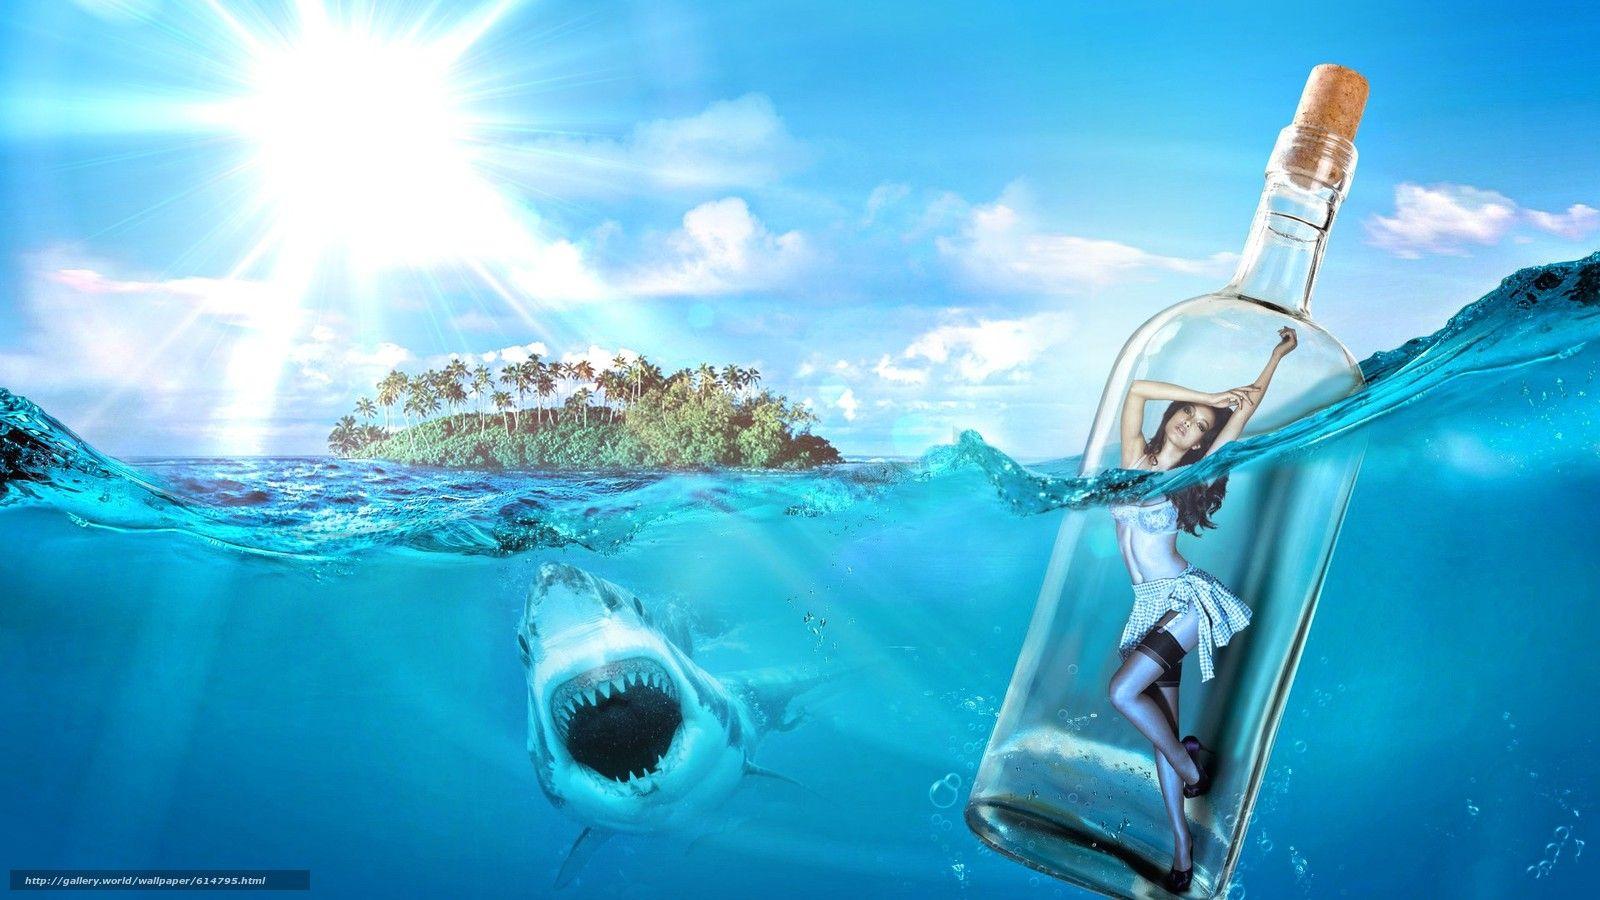 壁紙をダウンロード 海 鮫 島 瓶の中の少女 デスクトップの解像度の